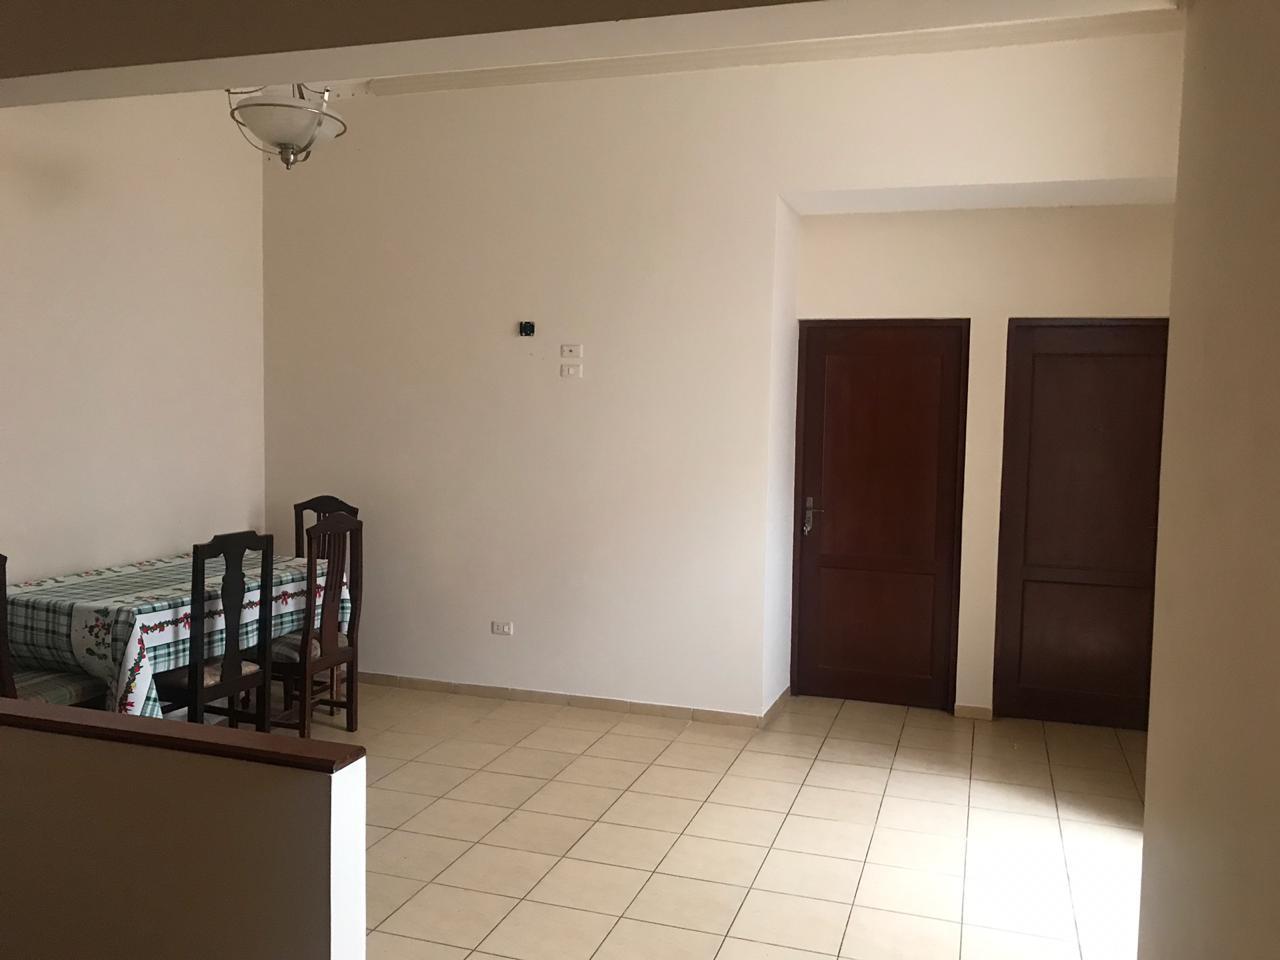 Casa en Venta AV. Hilanderia entre 4to y 5to anillo, entre Av. Pirai y Radial 17/5 Foto 6